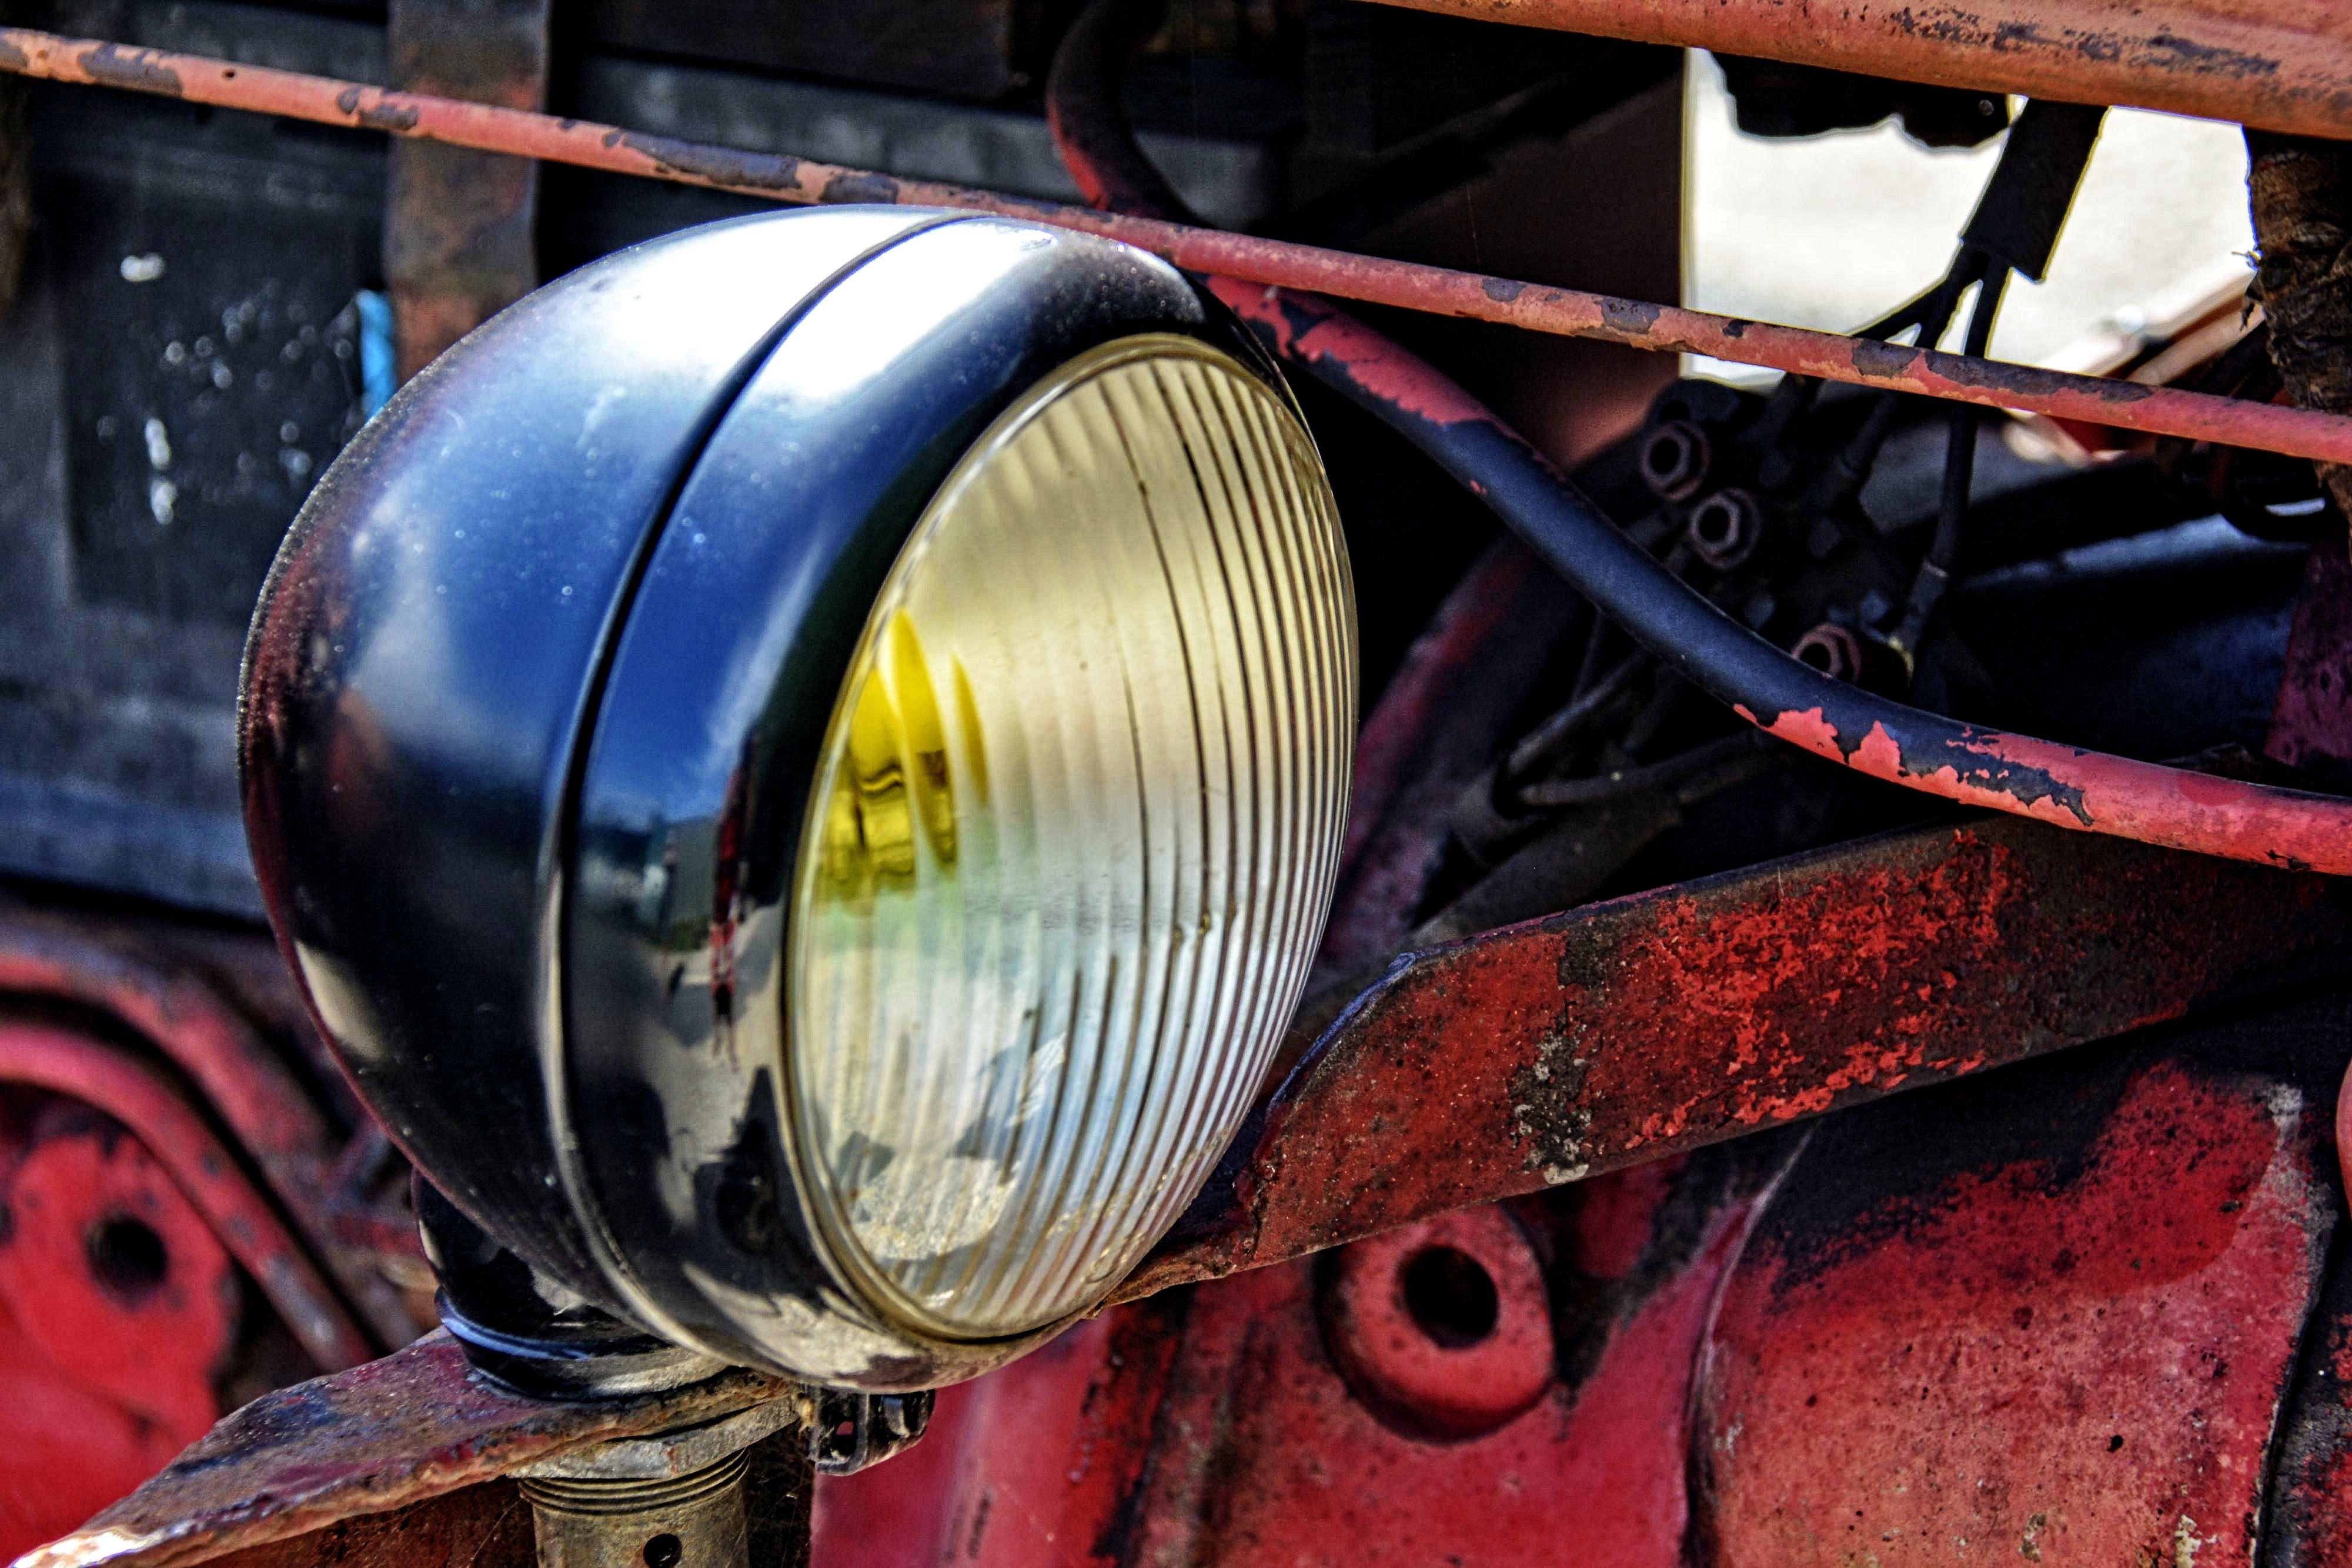 phare-vintage-mecanique